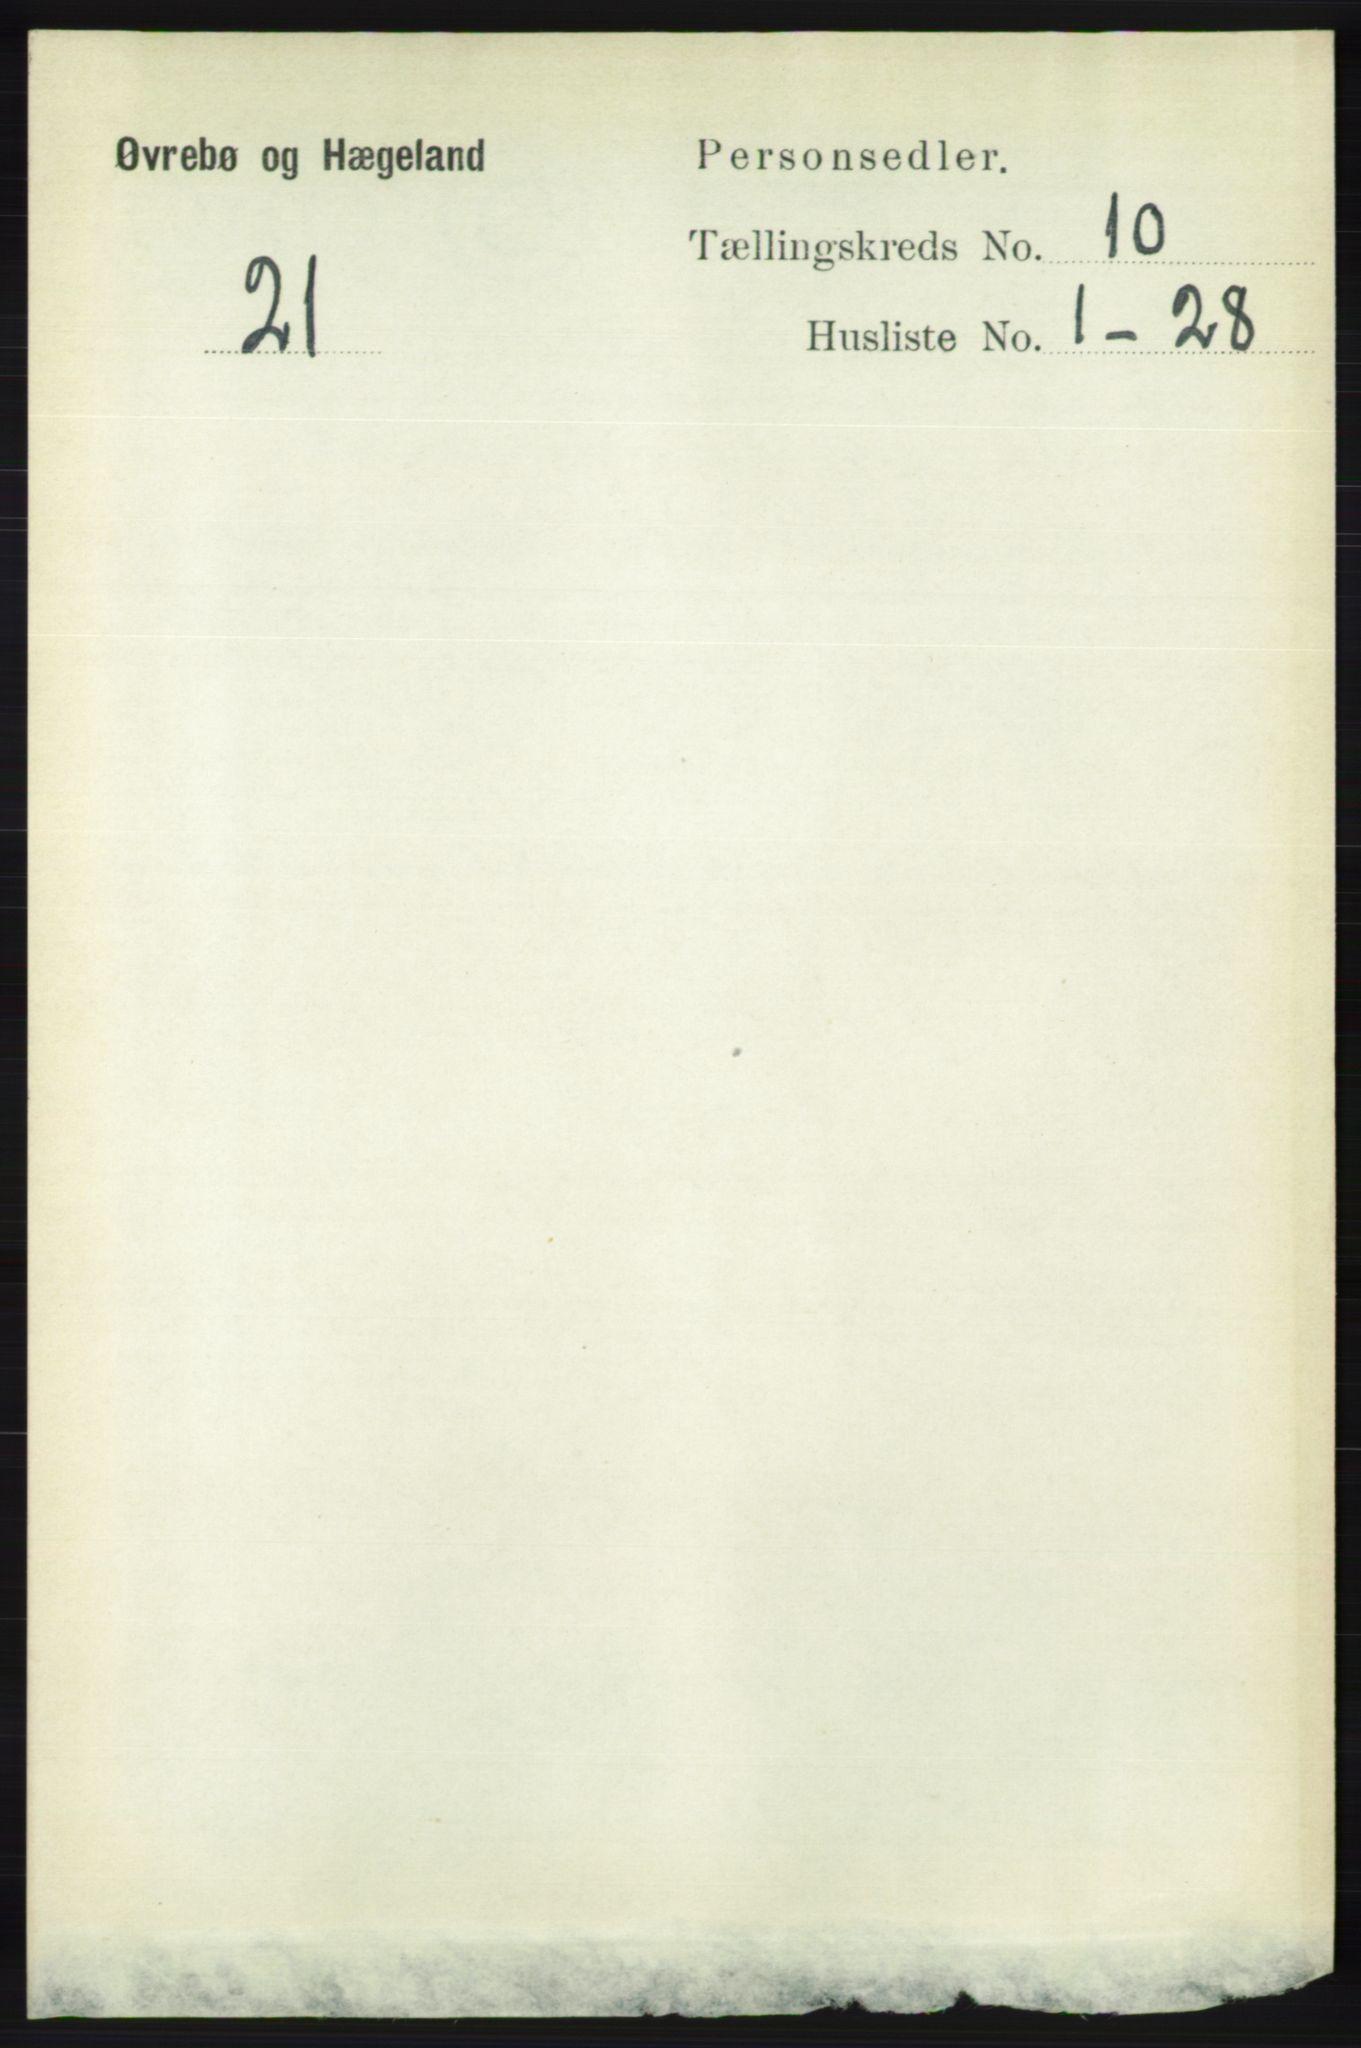 RA, Folketelling 1891 for 1016 Øvrebø og Hægeland herred, 1891, s. 2030